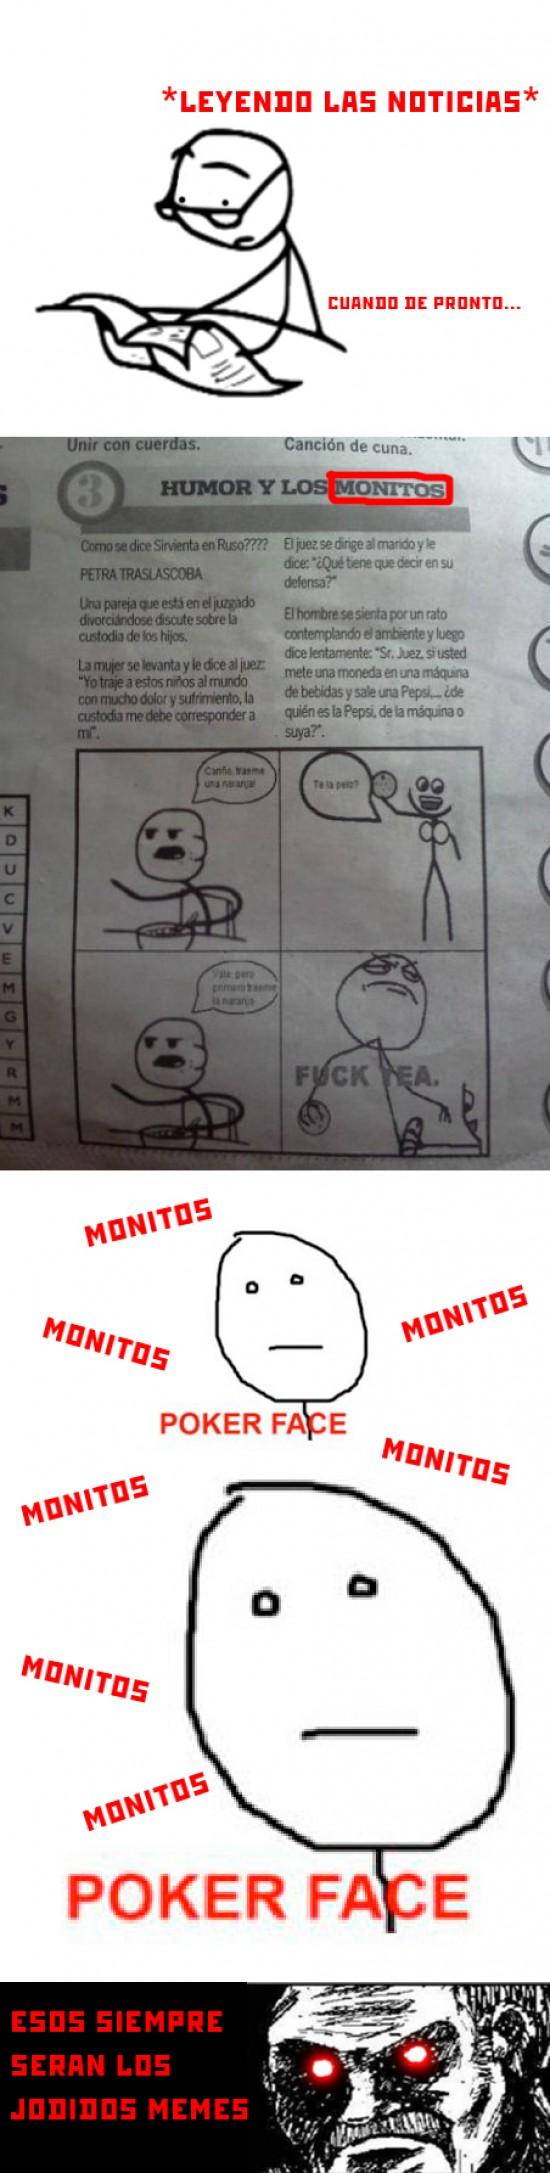 Mirada_fija - Memes... Memes Everywhere